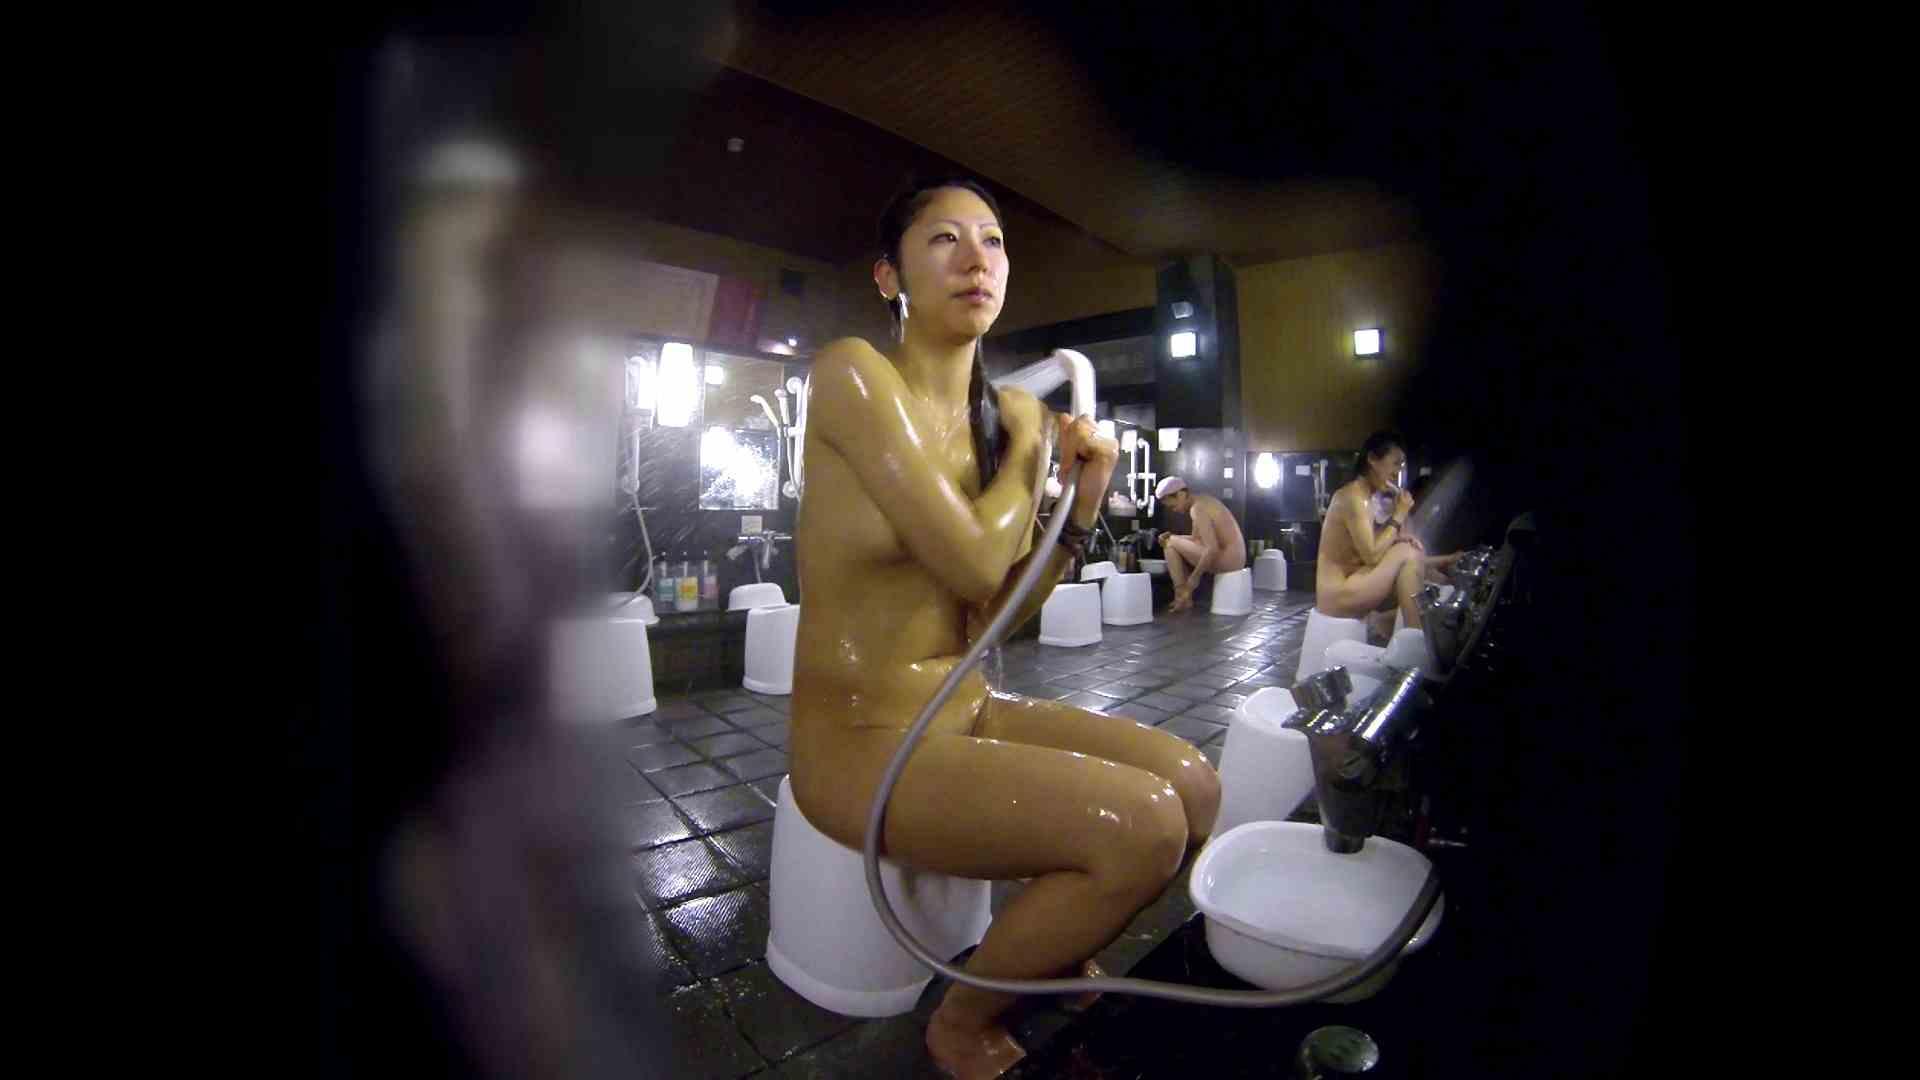 洗い場!綺麗に整えられた陰毛に嫉妬します。 エッチなお姉さん おめこ無修正動画無料 82画像 68